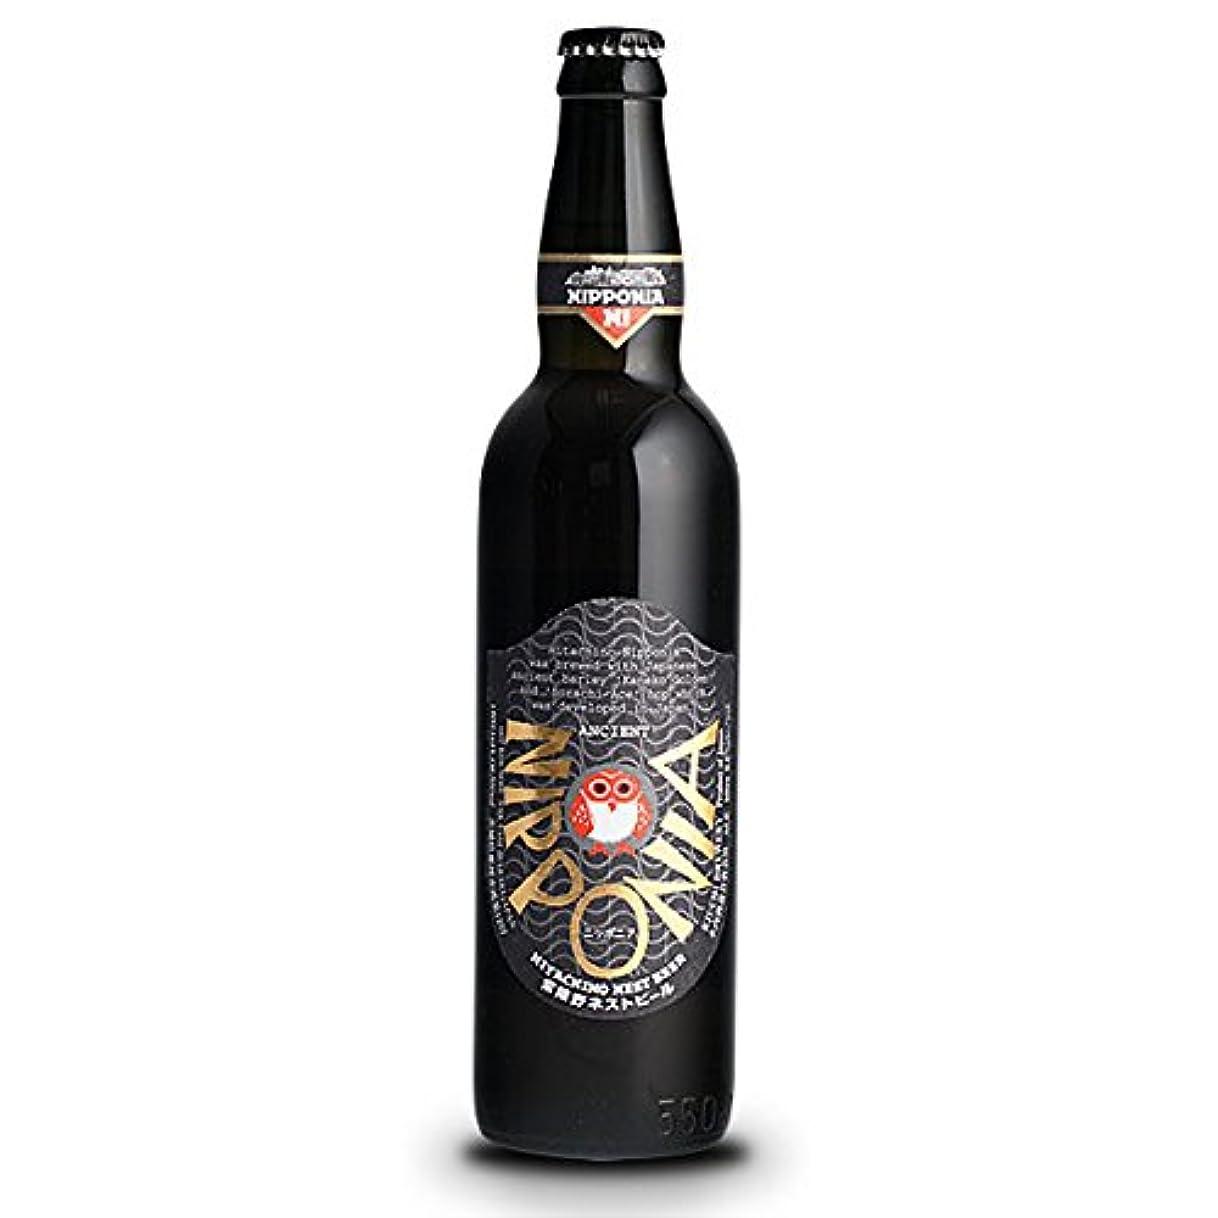 セミナー農民会話常陸野 ニッポニア 550ml×12本 茨城県 木内酒造 ビール クラフトビール